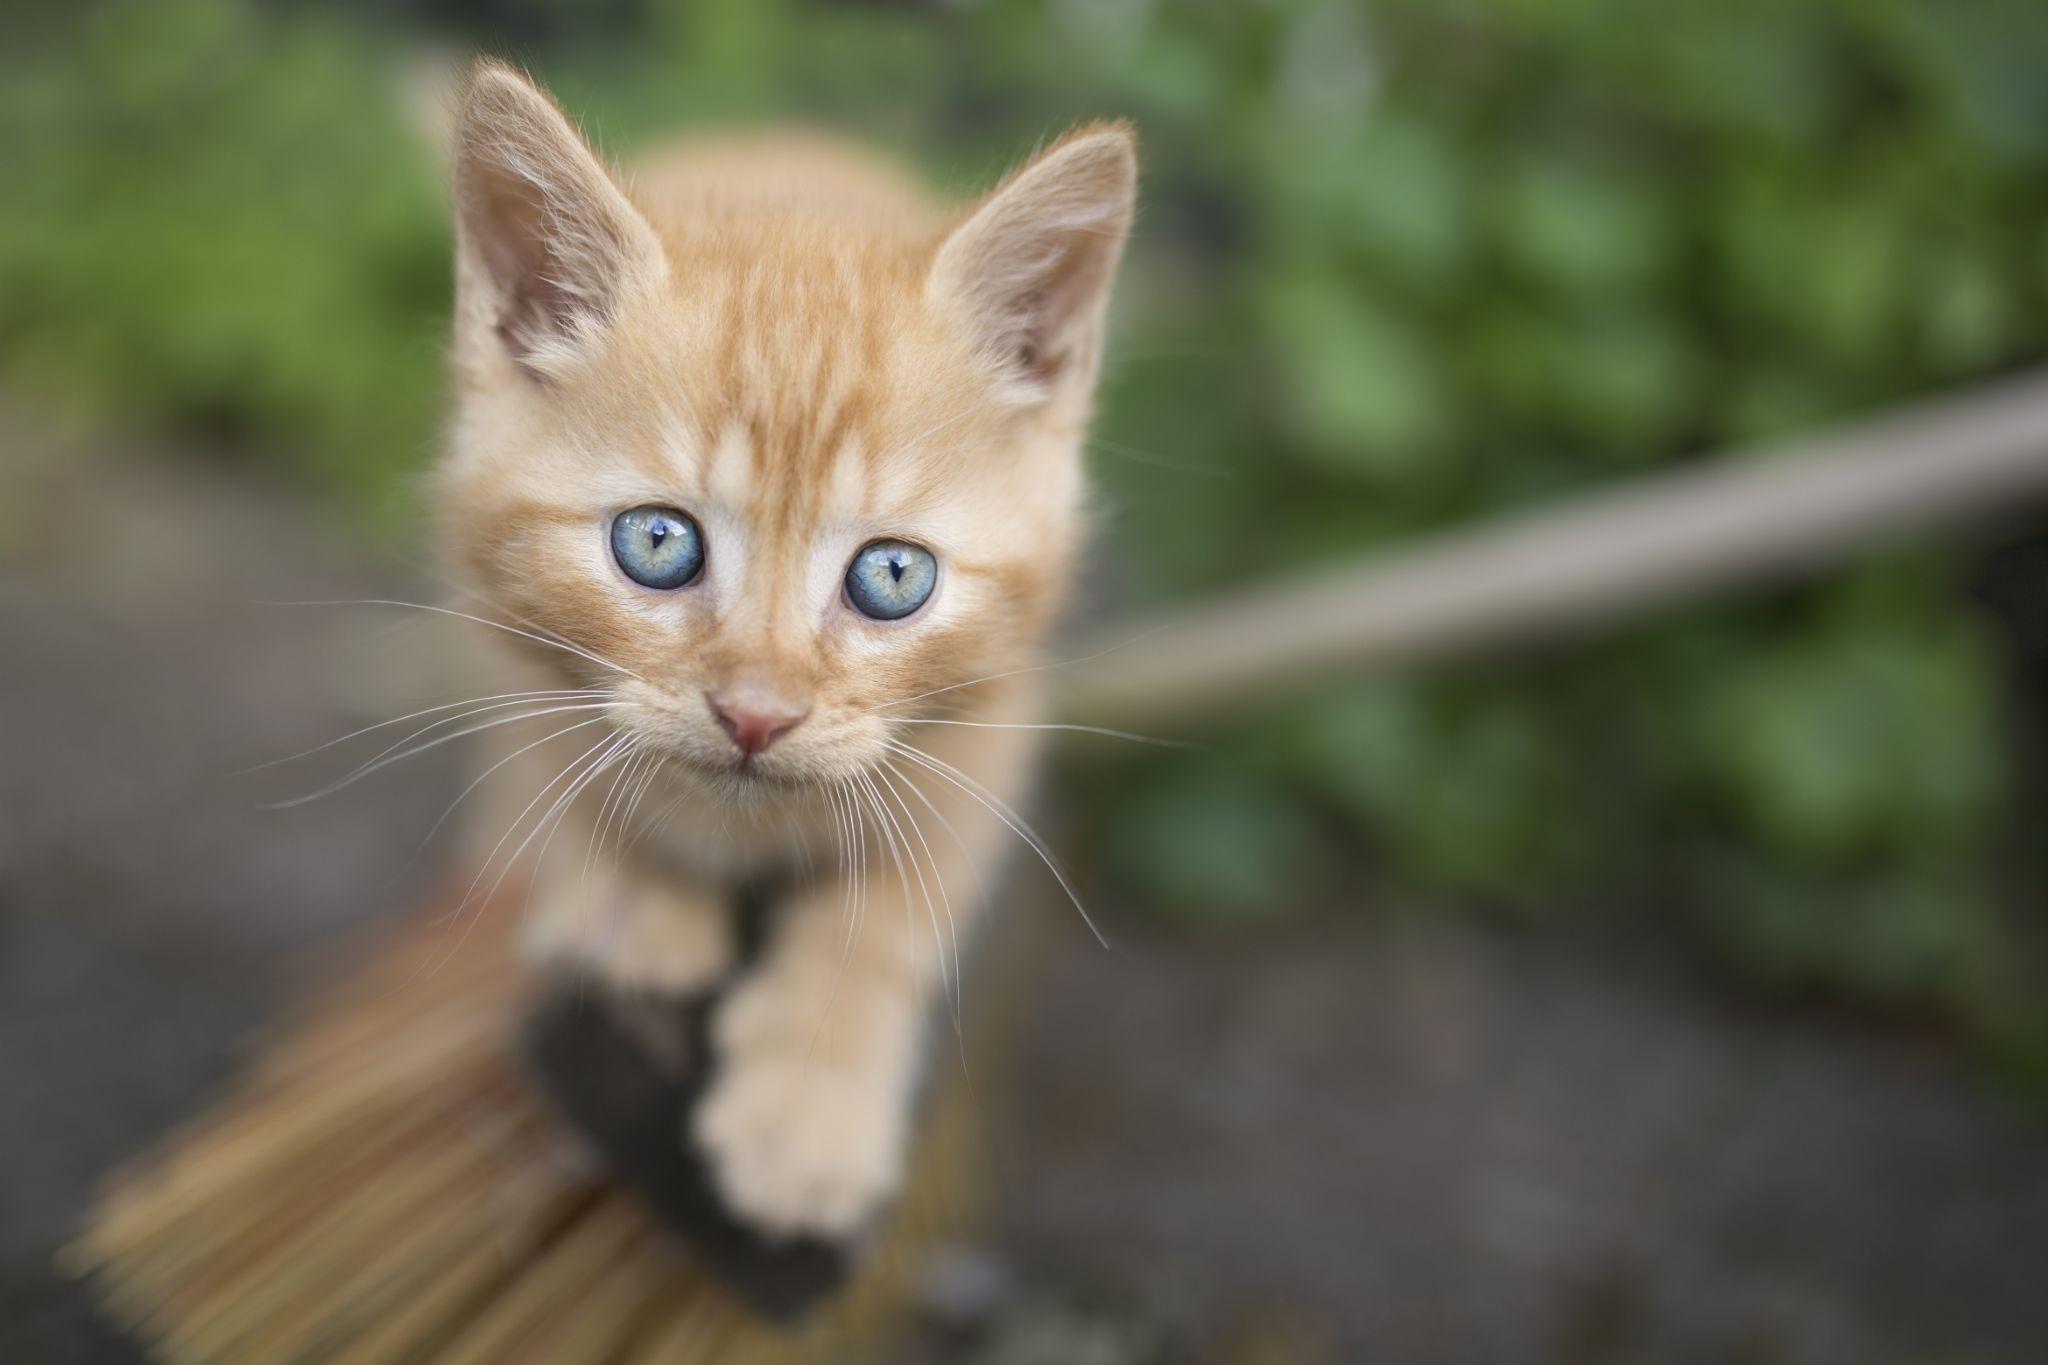 Kittie on adventure by dennislarsen988